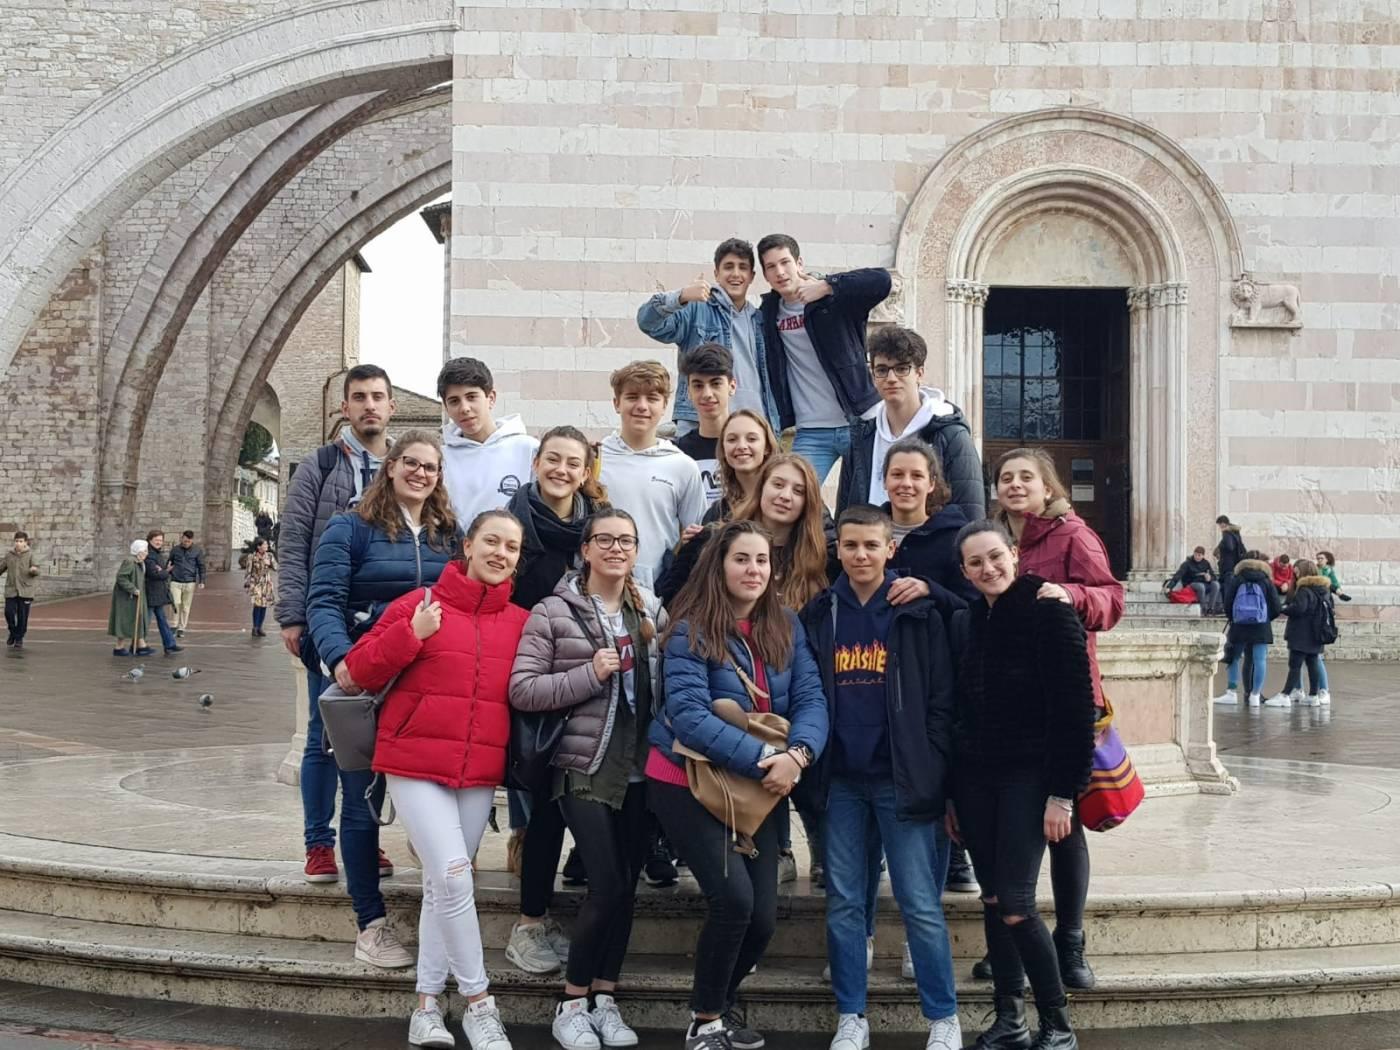 Corso adolescenti Assisi 2019